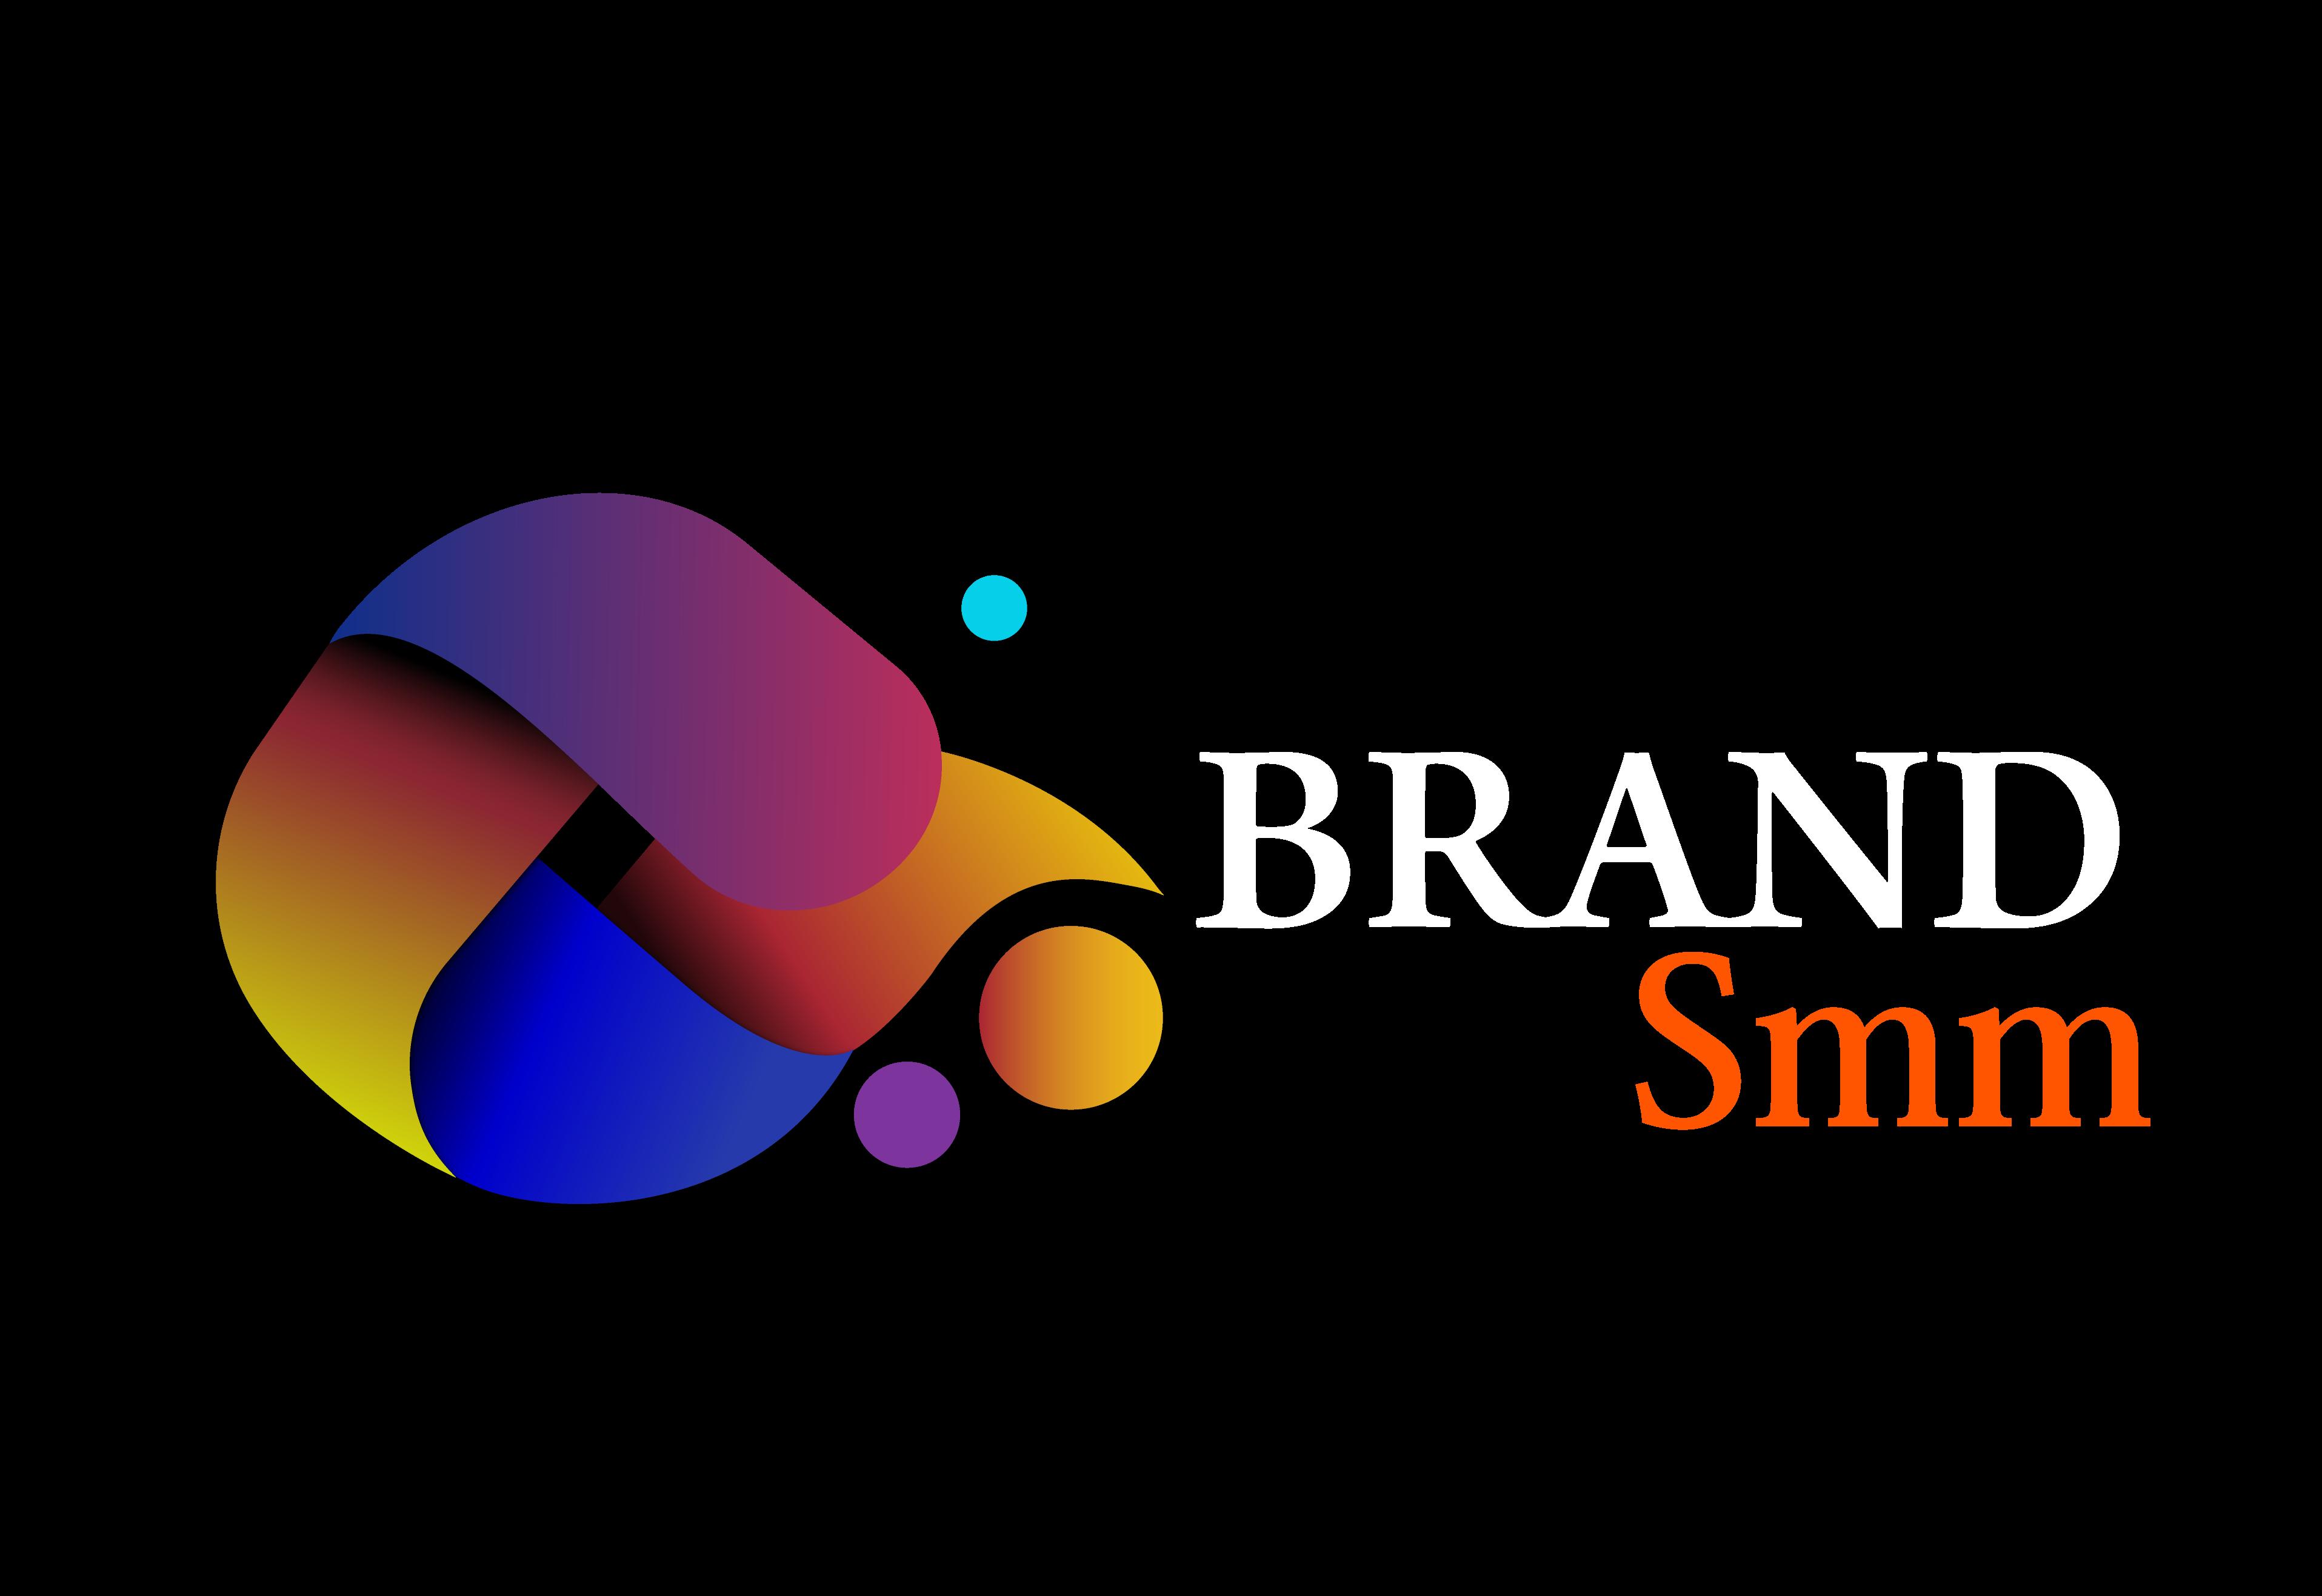 Brand Smm